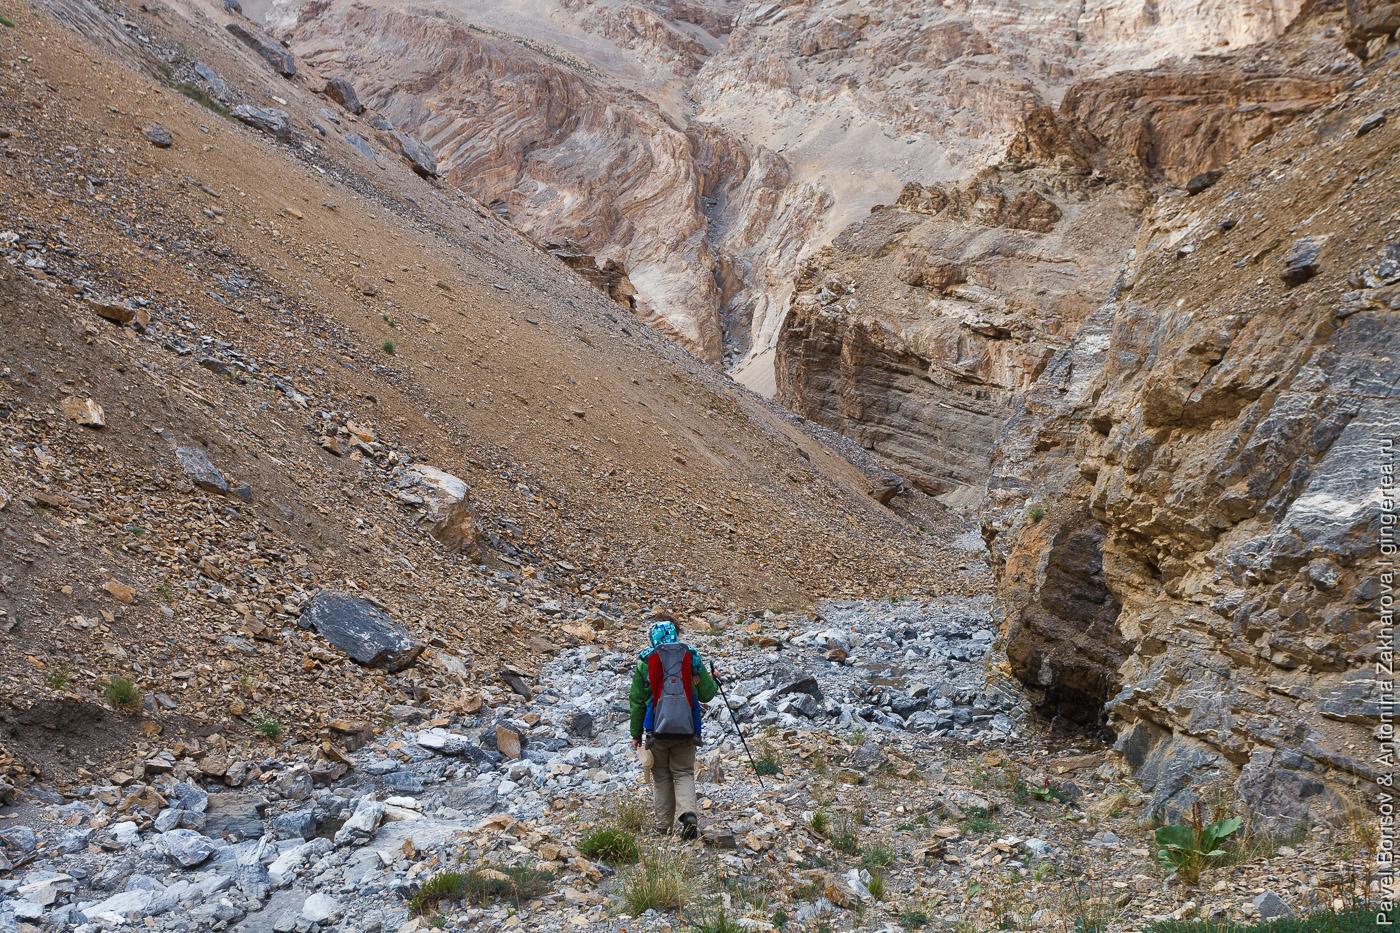 непроходимый каньон, подъем к вершине Лингти, Индийские Гималаи